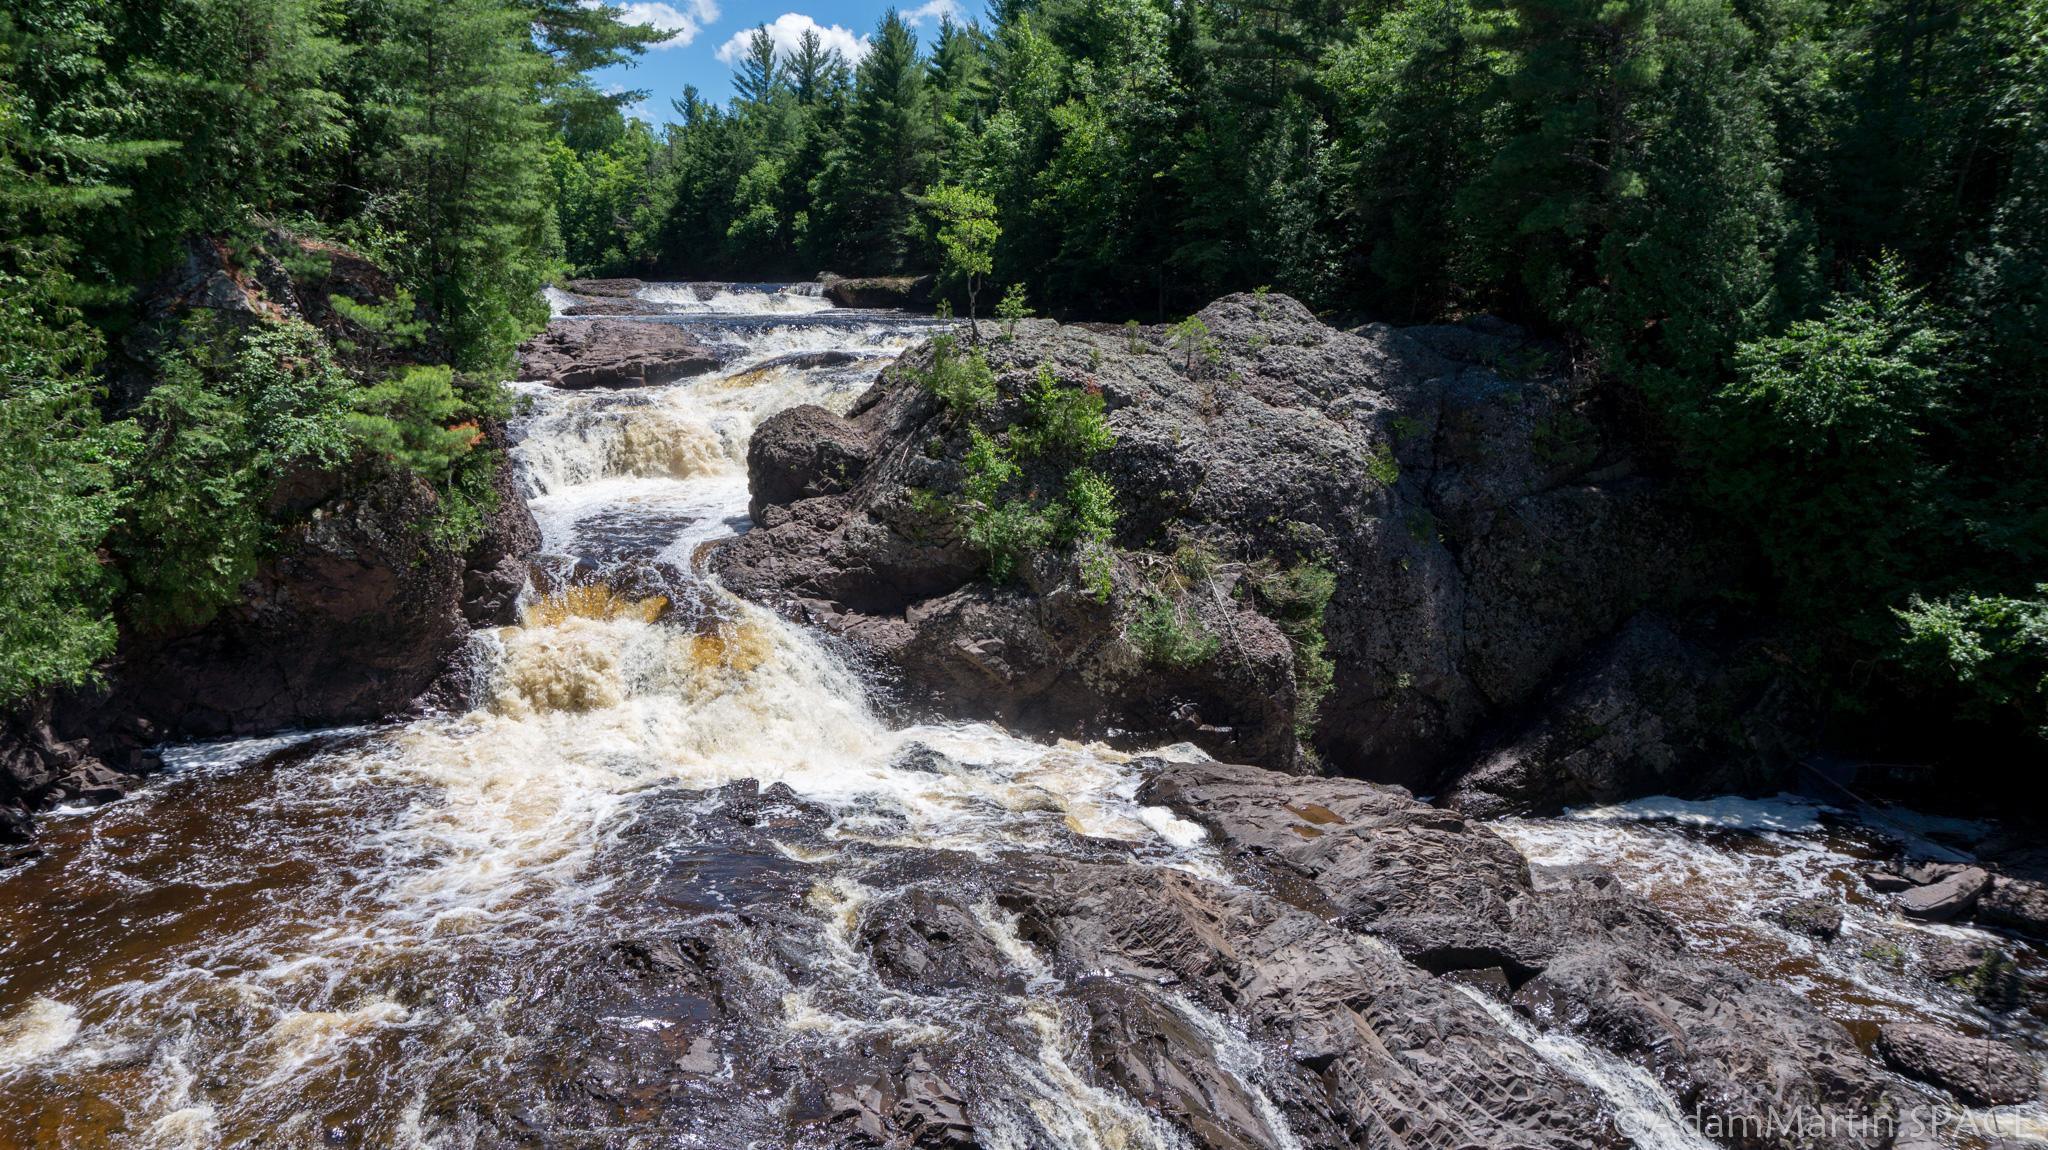 Potato River Falls - Upper falls section looking upstream